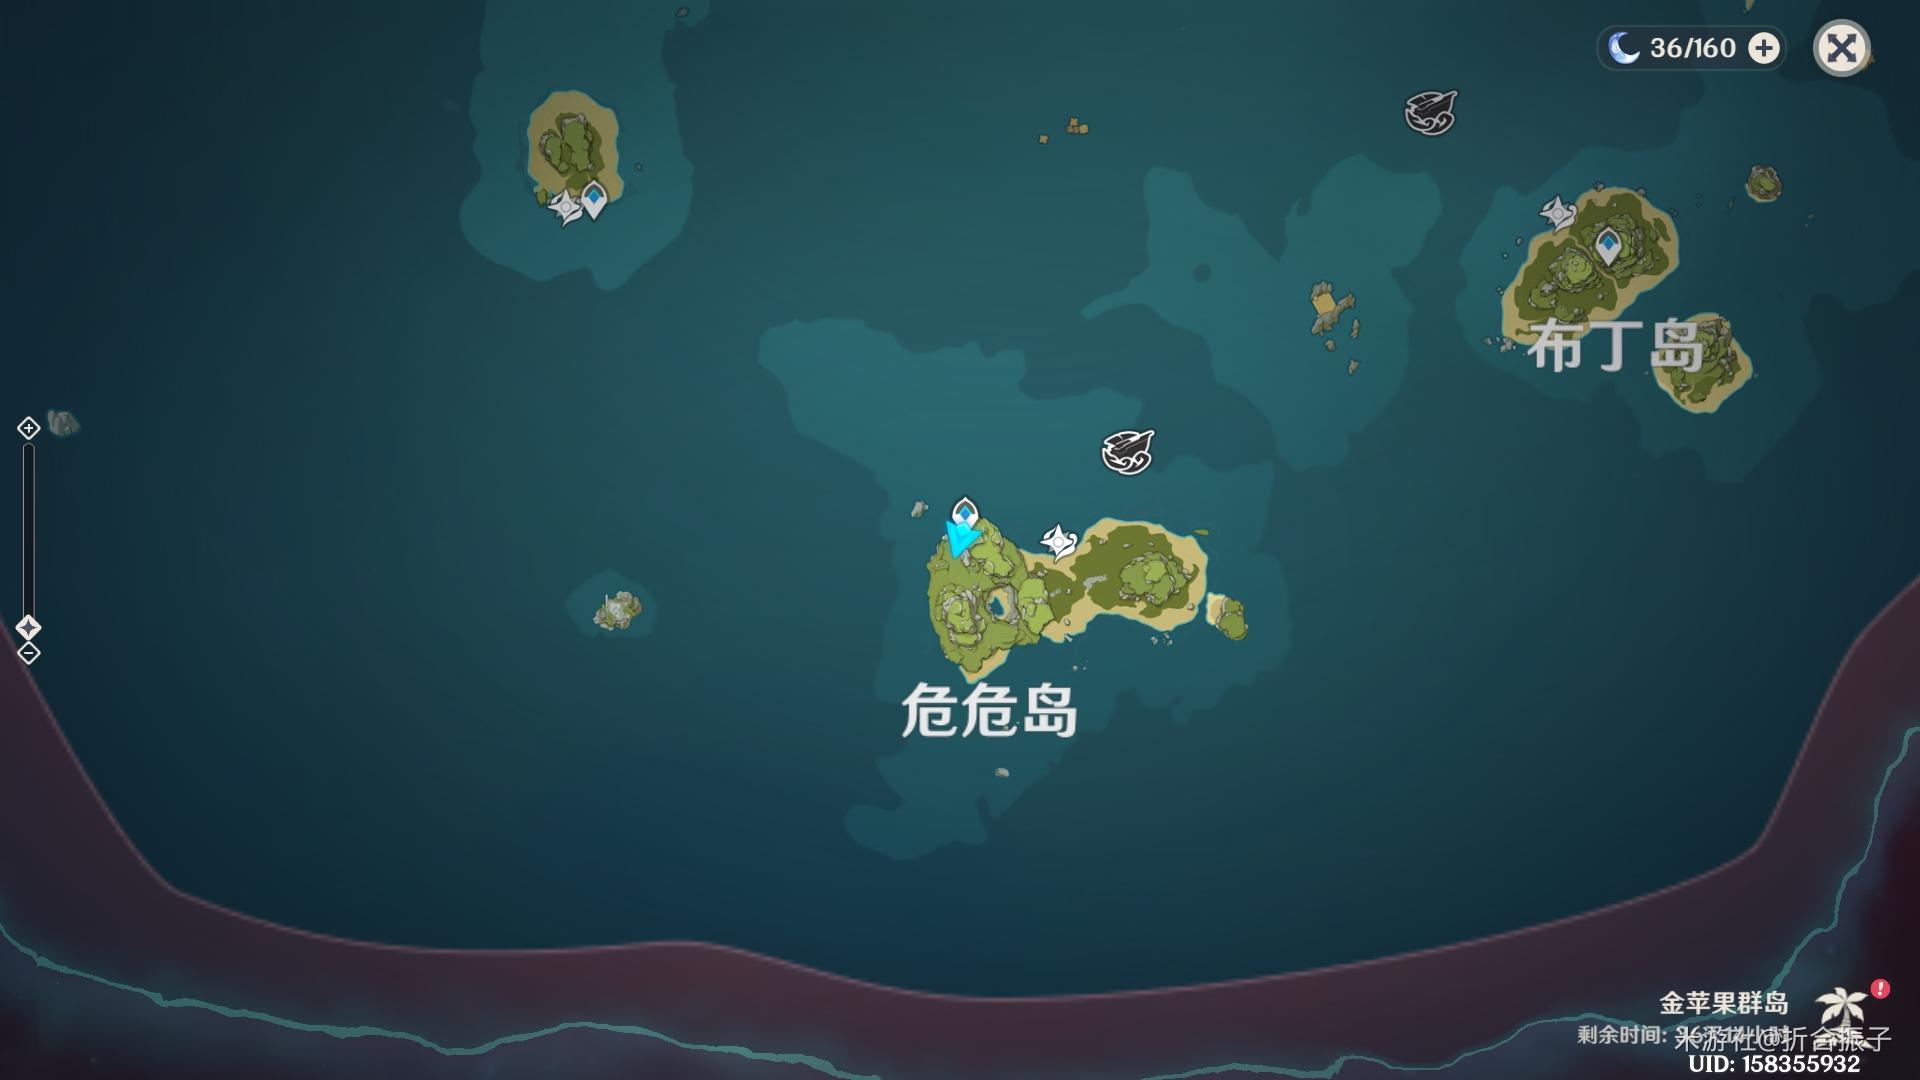 《原神》海岛7个角色位置